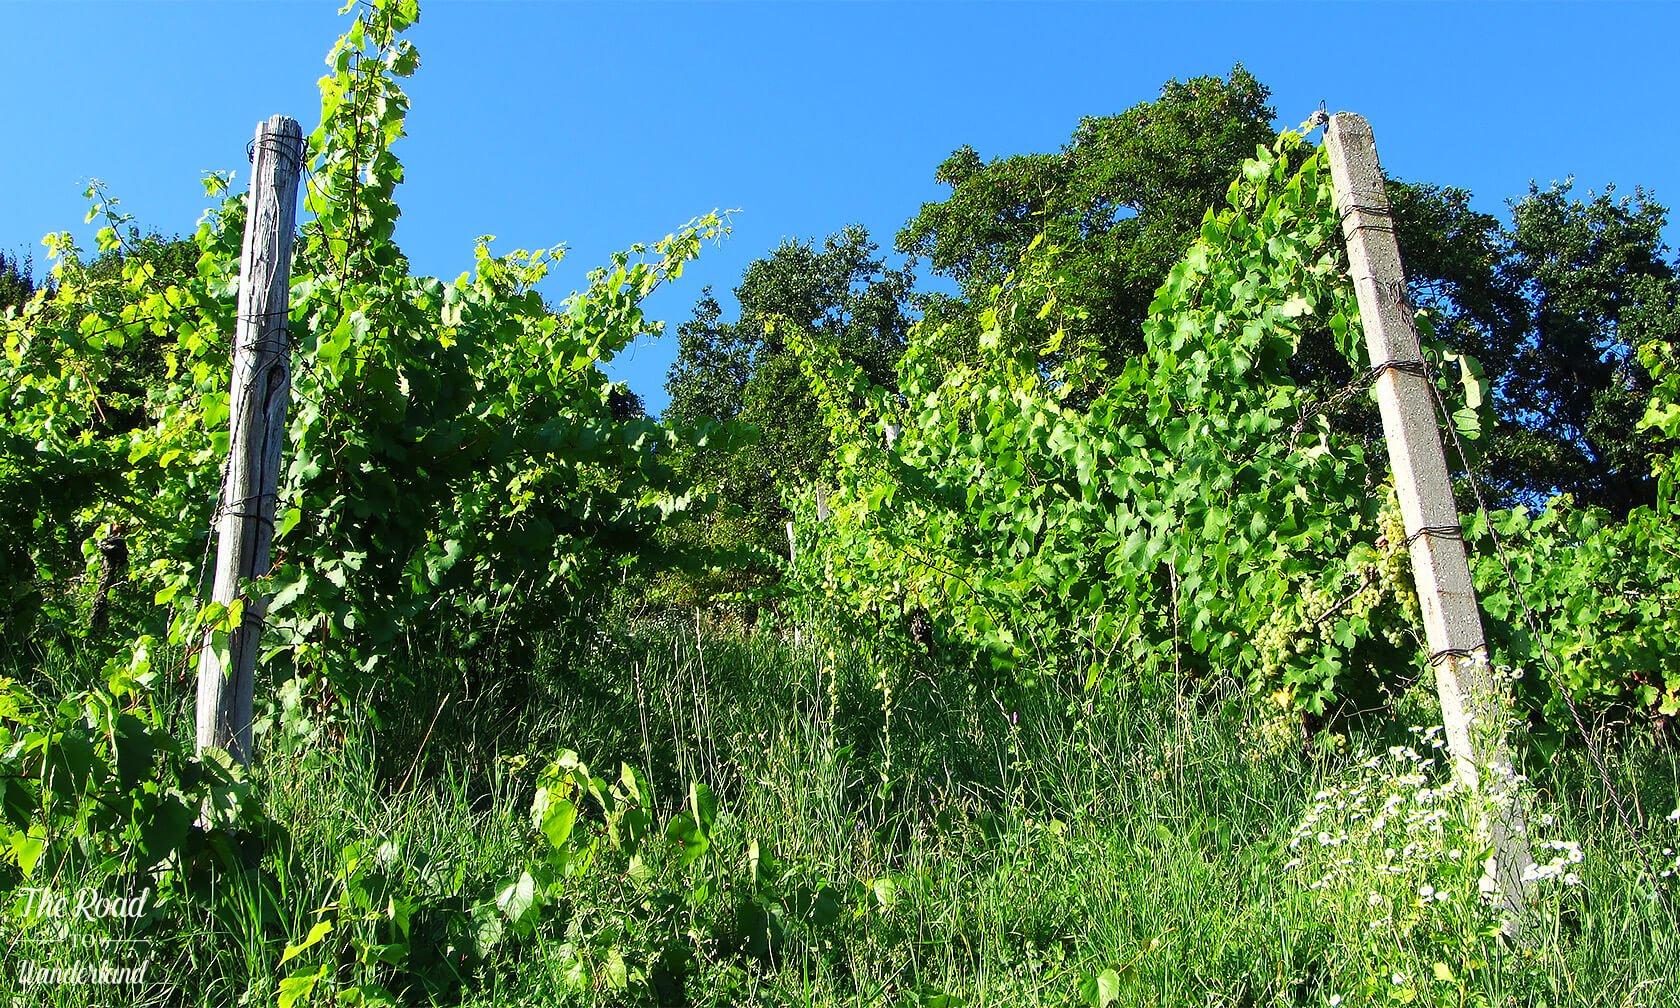 Grape vines in Maribor